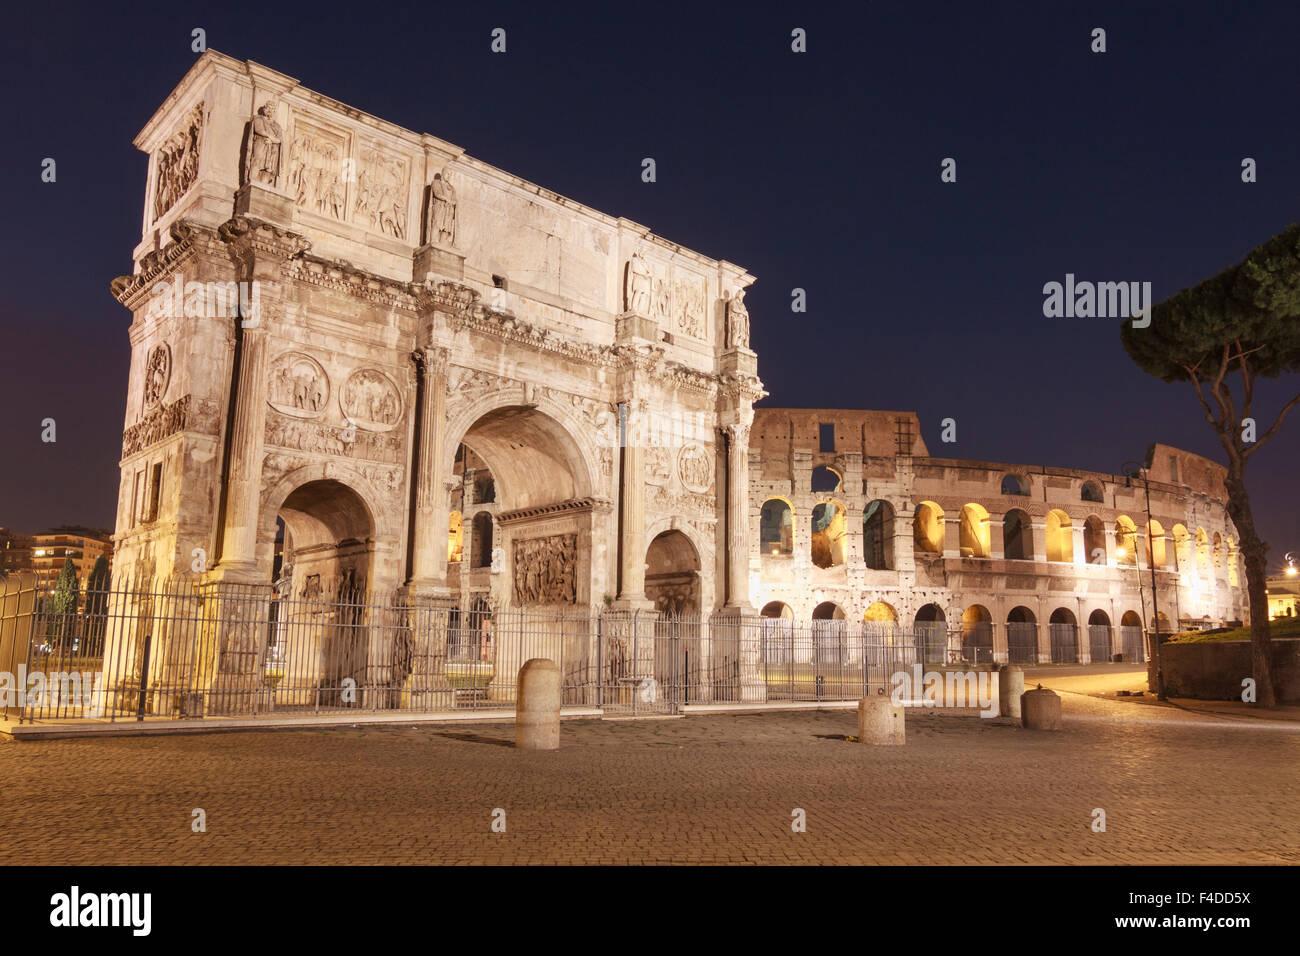 Arco di Costantino e Colosseo illuminata di notte. Roma, Italia Immagini Stock